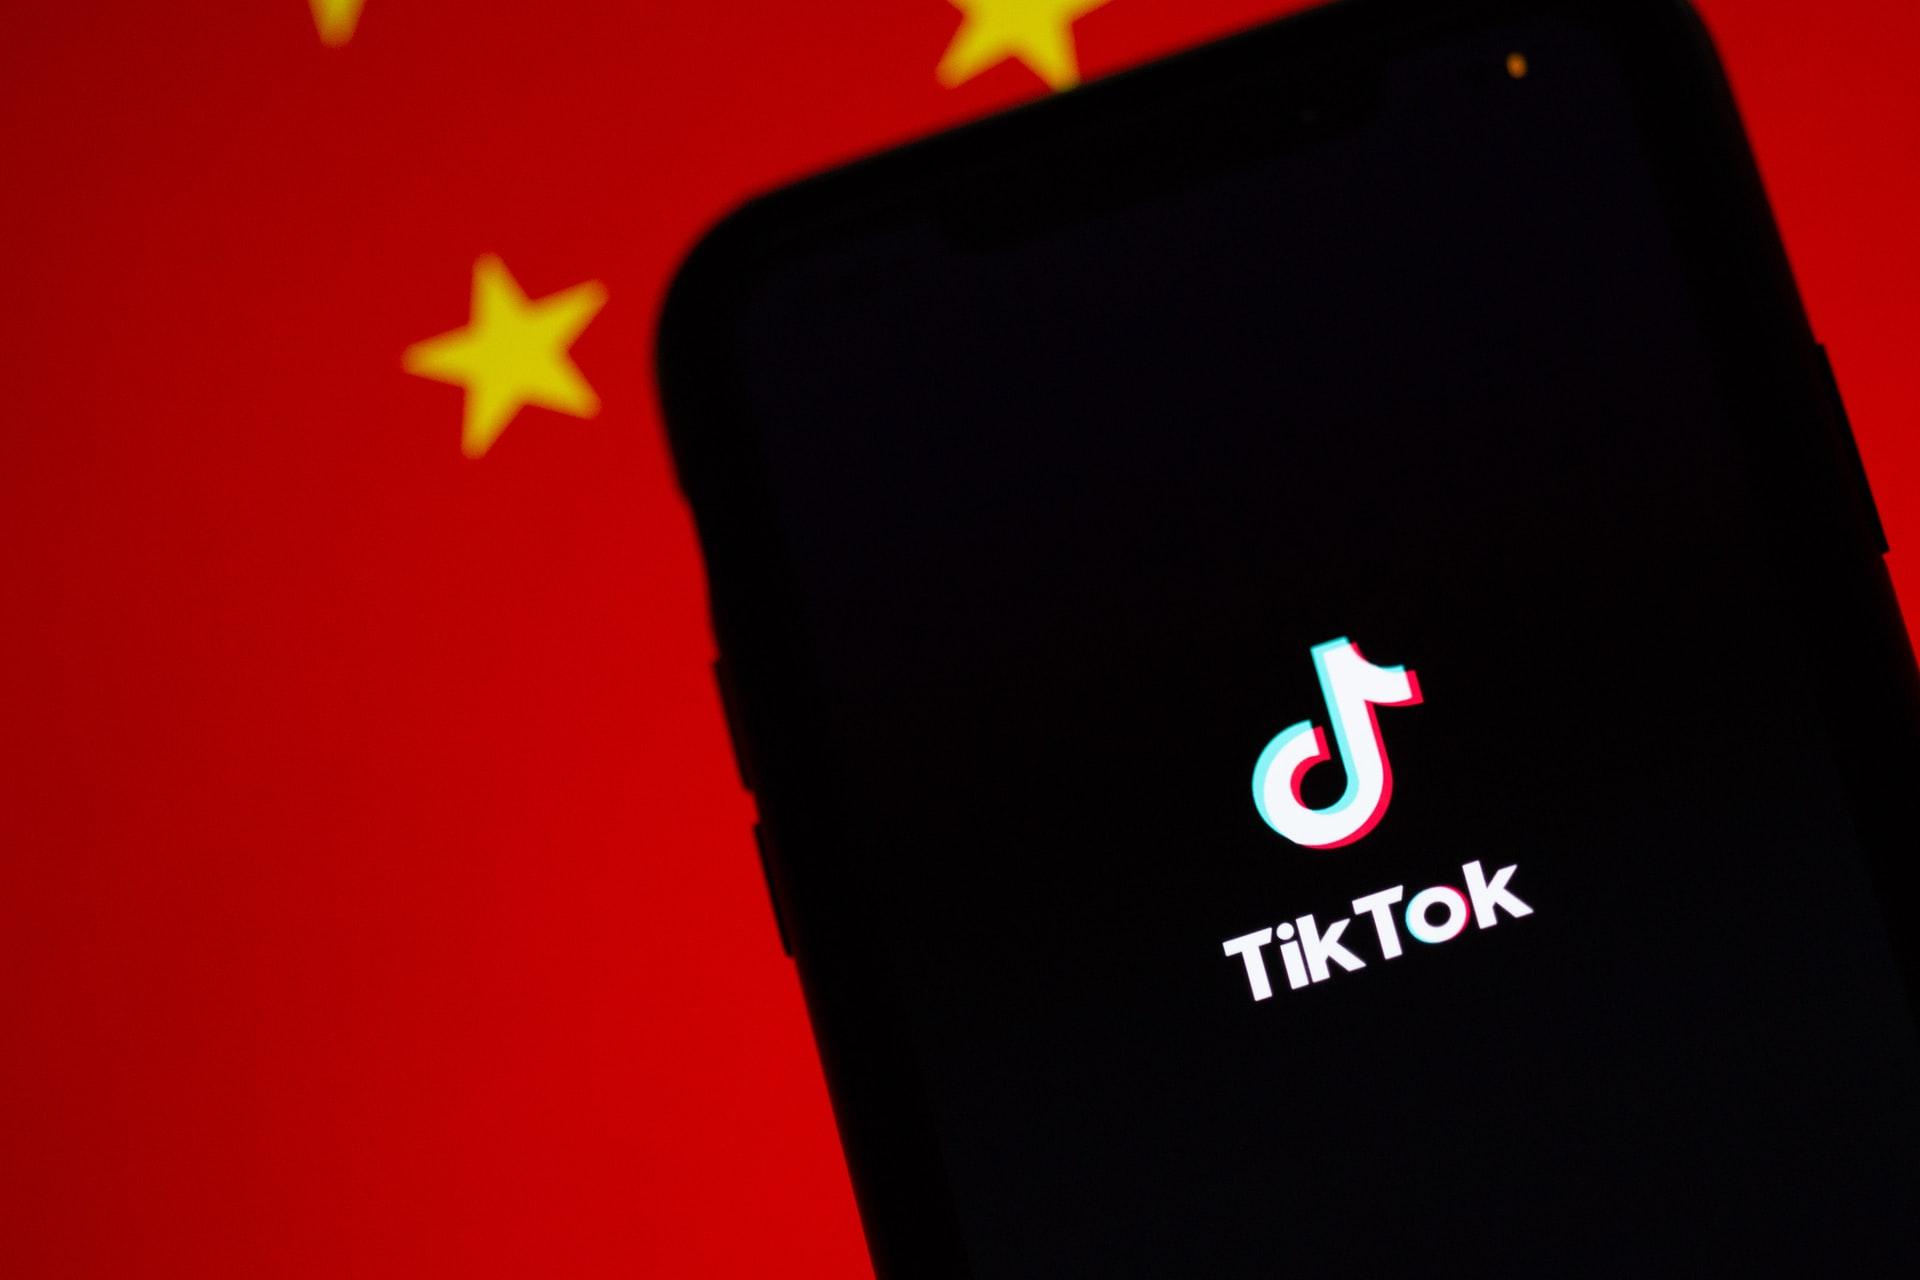 L'algoritmo e l'Ai di TikTok ora sono in vendita